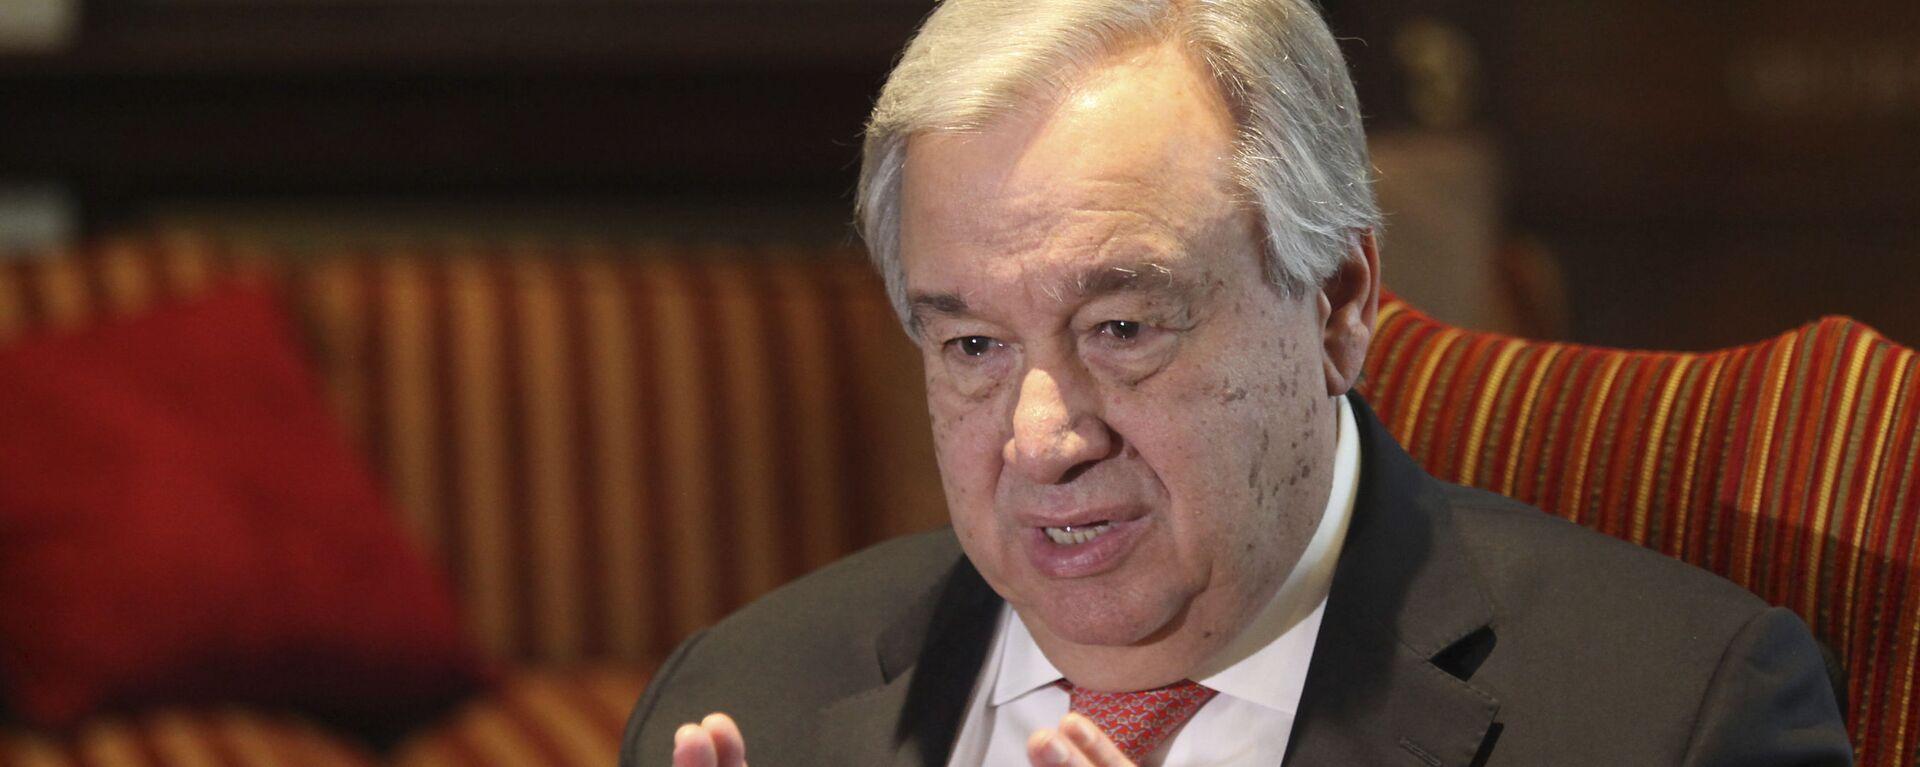 Antonio Guterres, el secretario general de la Organización de las Naciones Unidas (ONU) - Sputnik Mundo, 1920, 31.08.2021